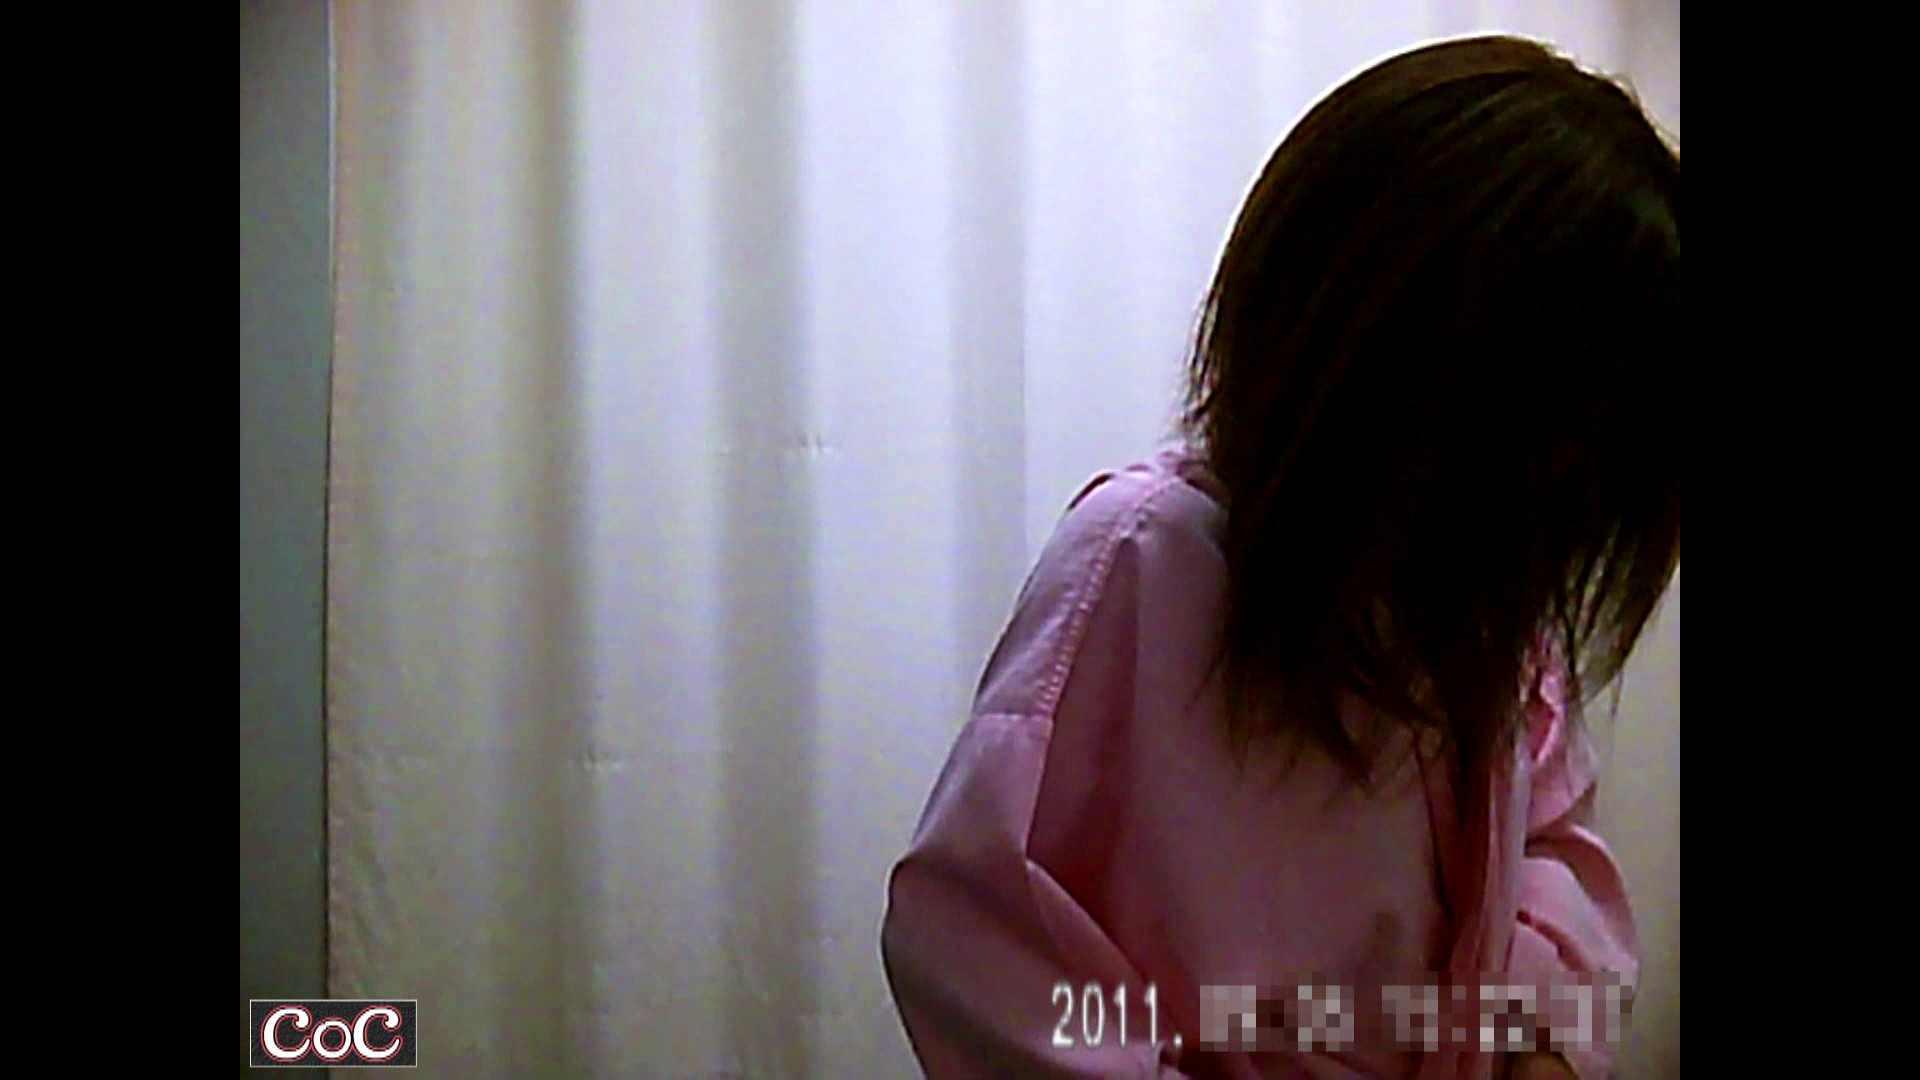 病院おもいっきり着替え! vol.20 貧乳 オメコ動画キャプチャ 106PIX 41